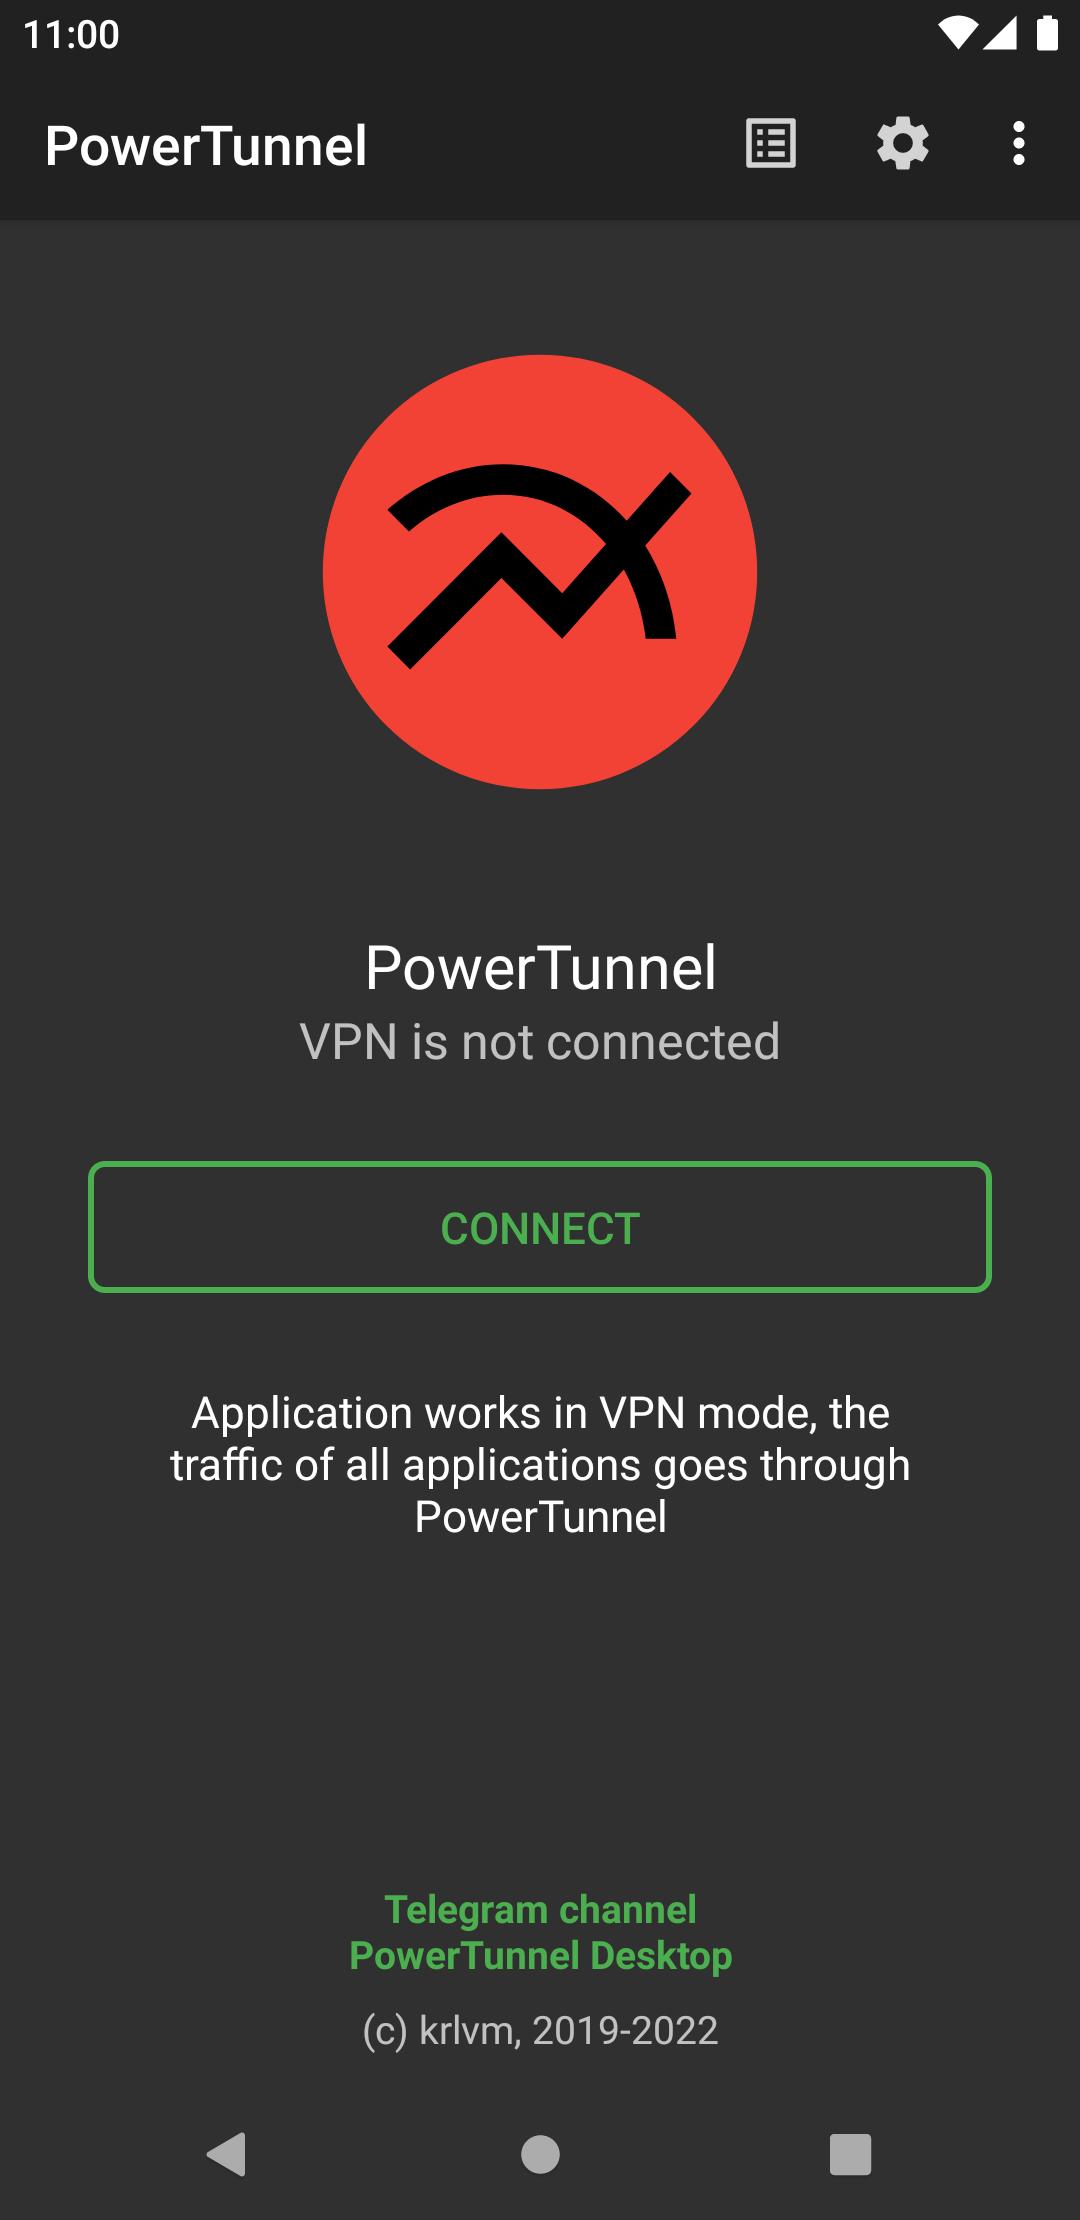 PowerTunnel User Interface